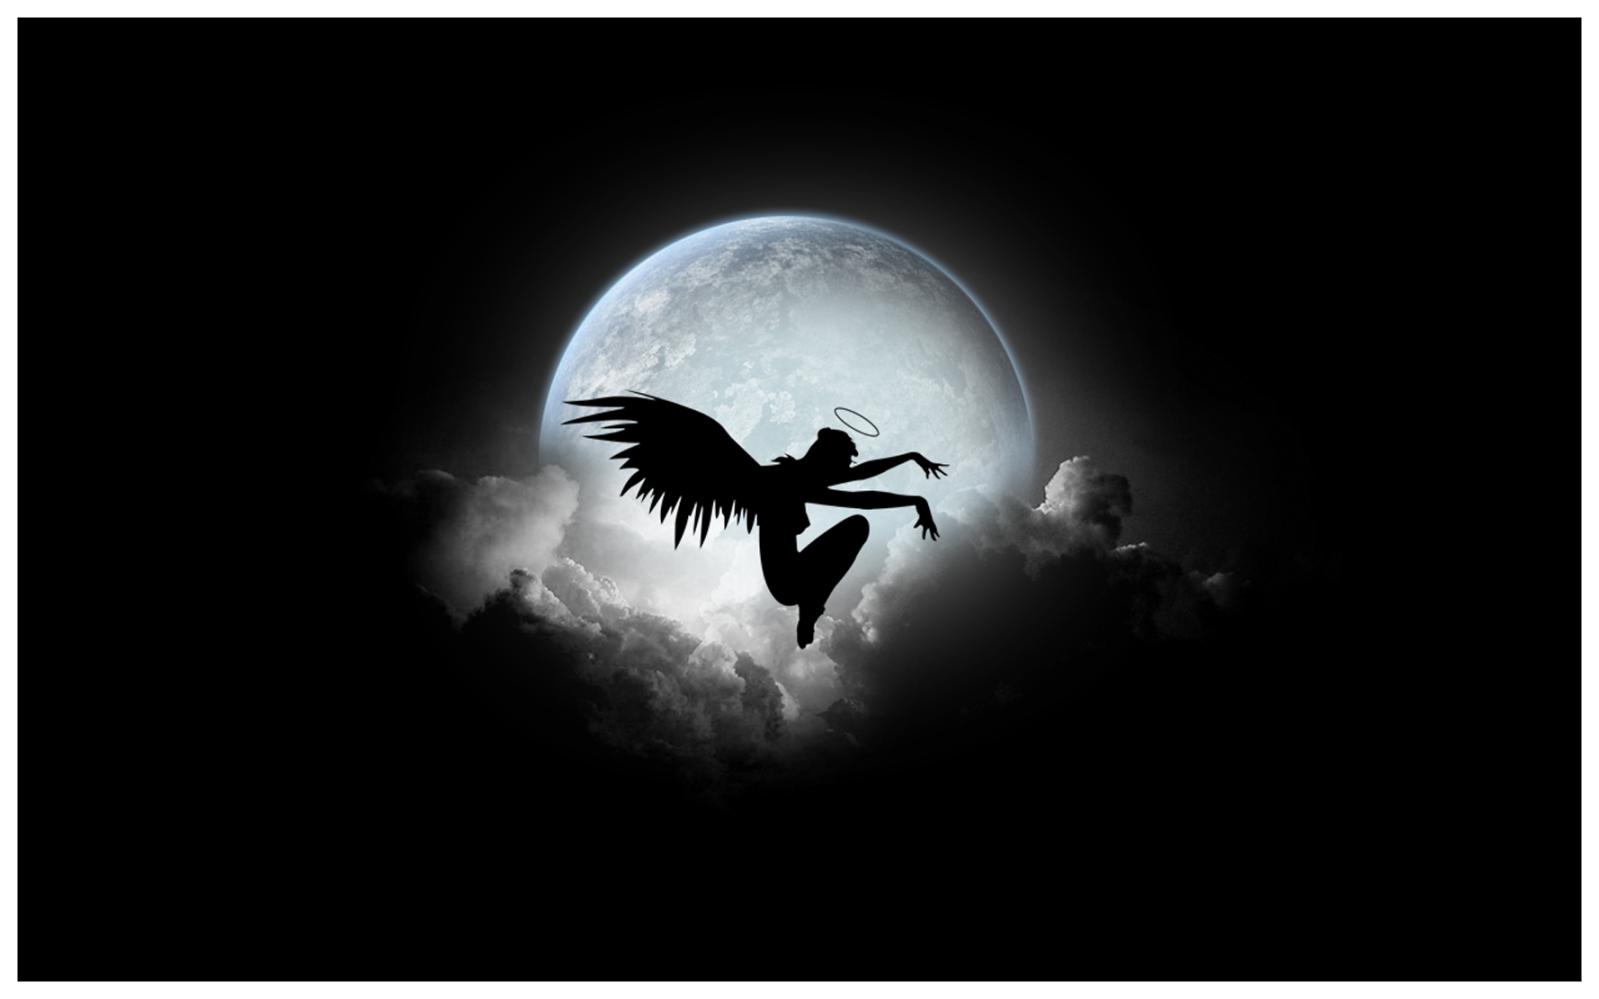 Una chica con alas y luna llena - 1599x999